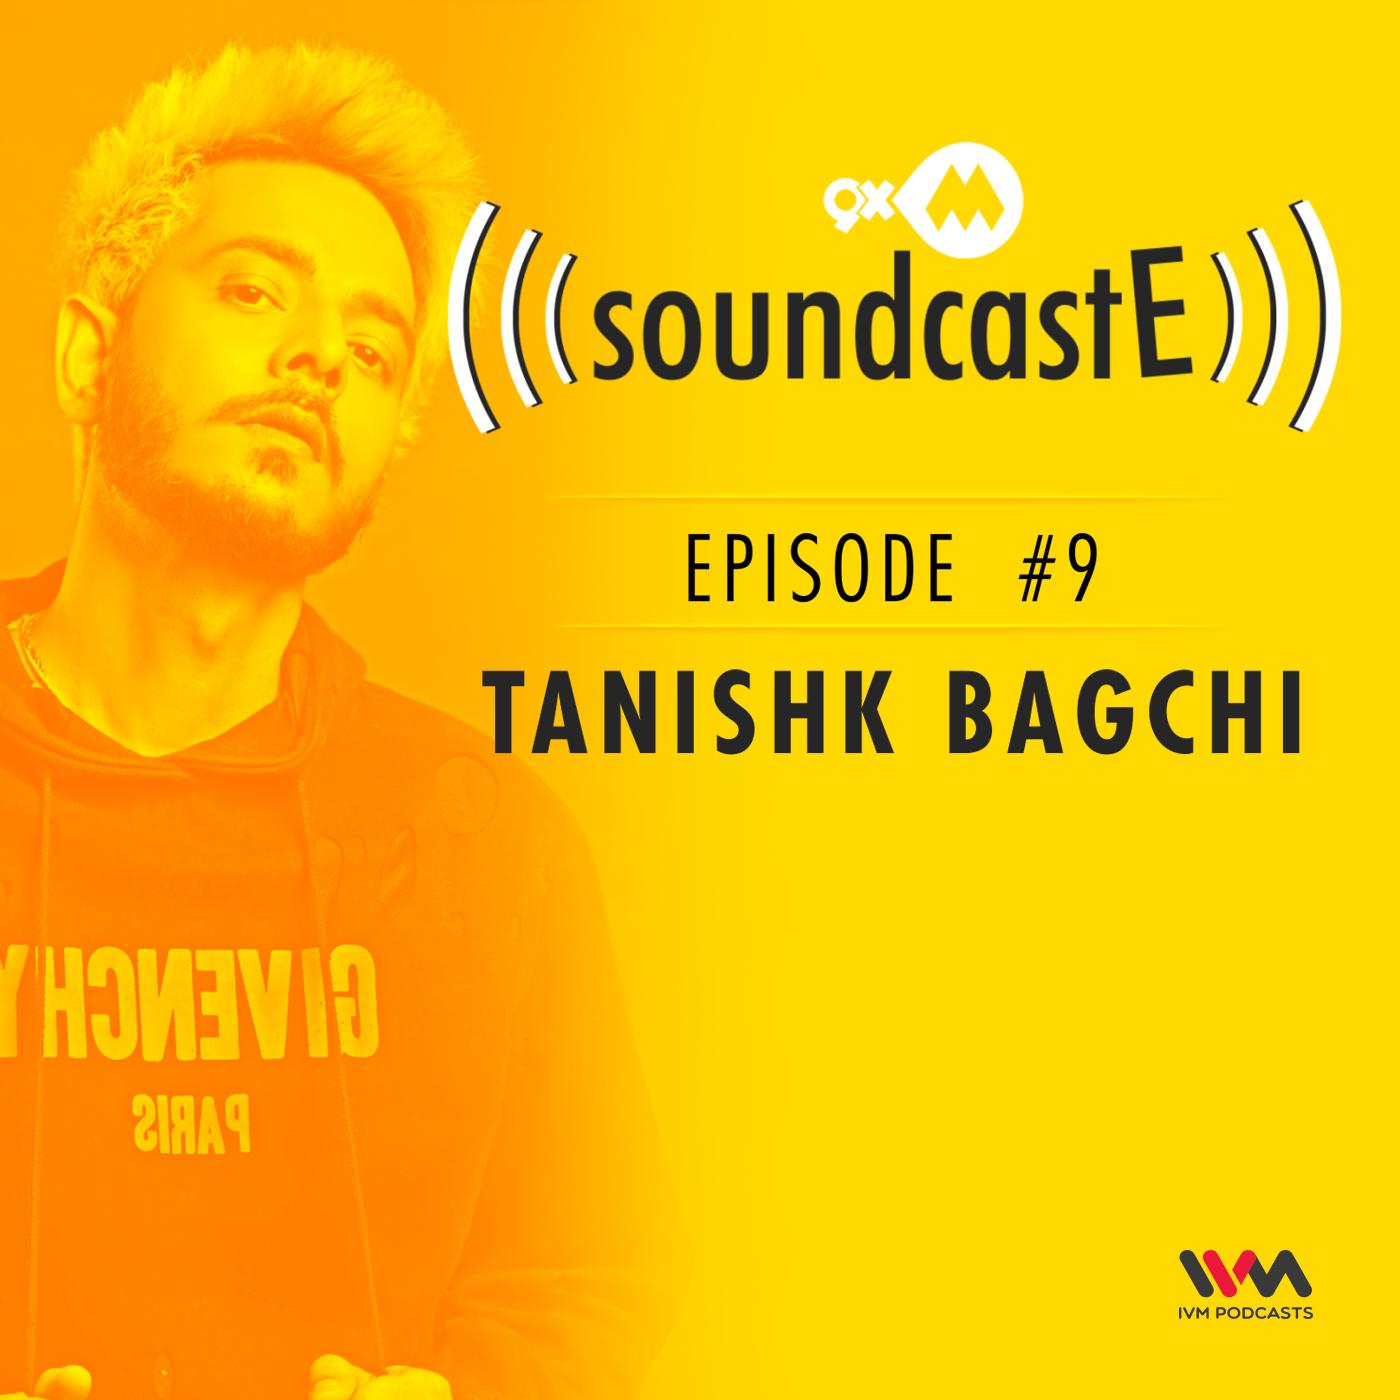 Ep. 09: 9XM SoundcastE with Tanishk Bagchi